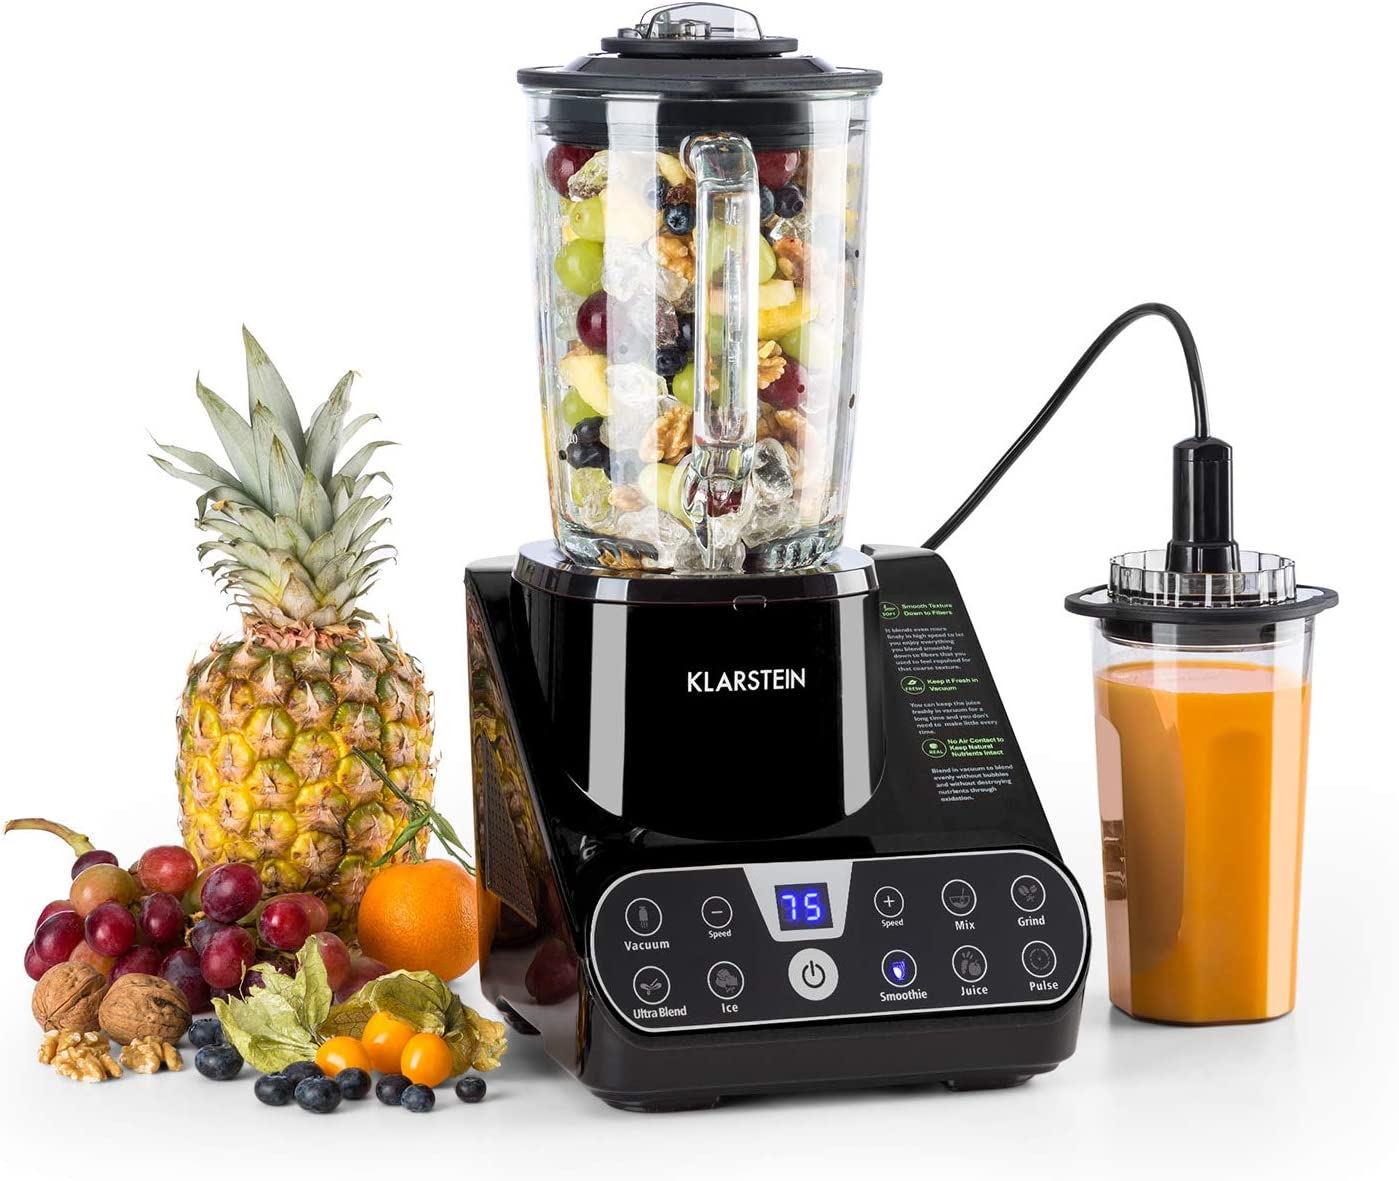 Klarstein Airakles Vacuum Blender with glass jug